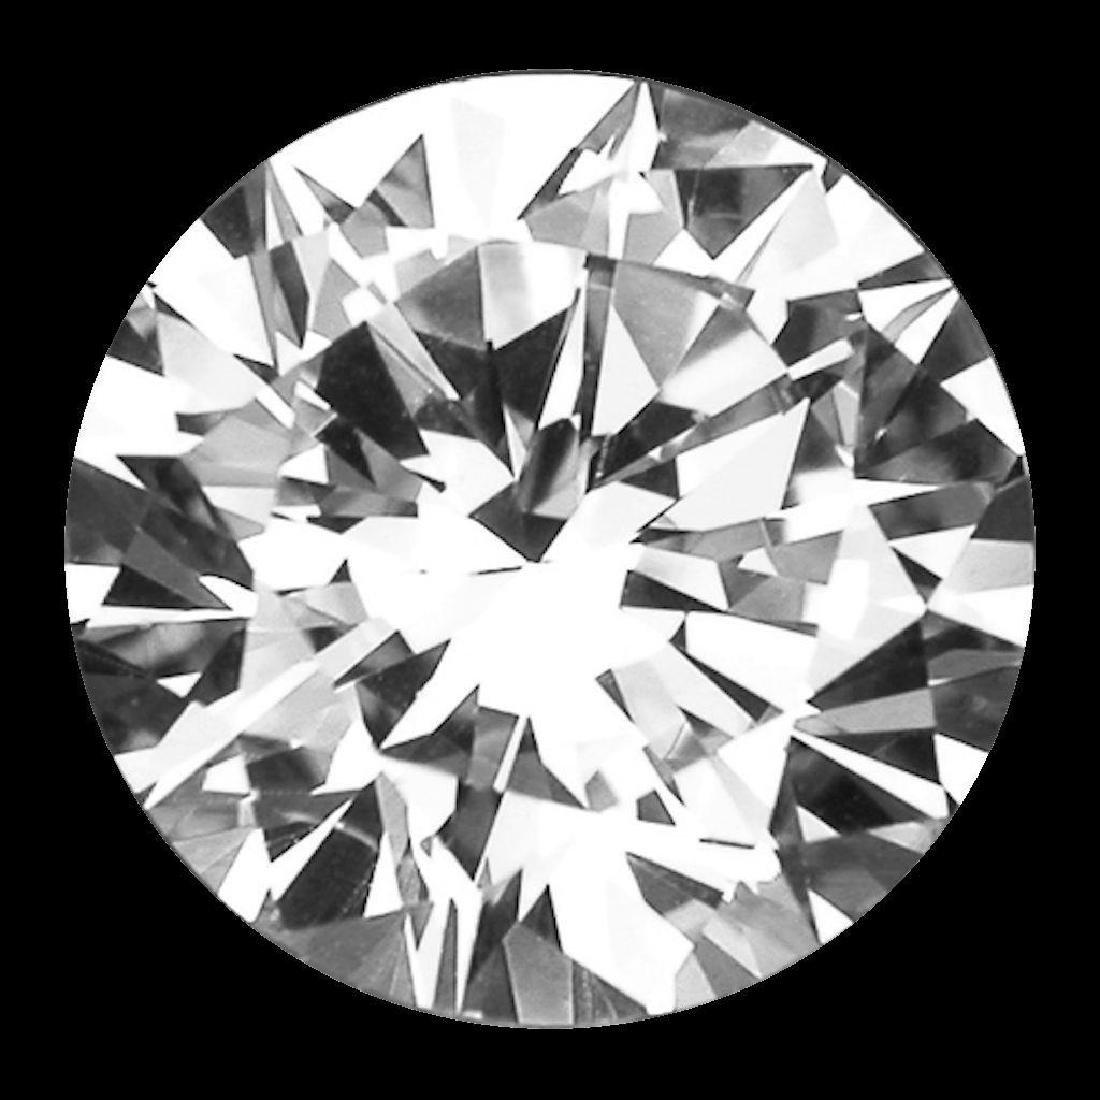 12.89cts Bianco Diamond Grade 6AAAAAA - Loose Stone